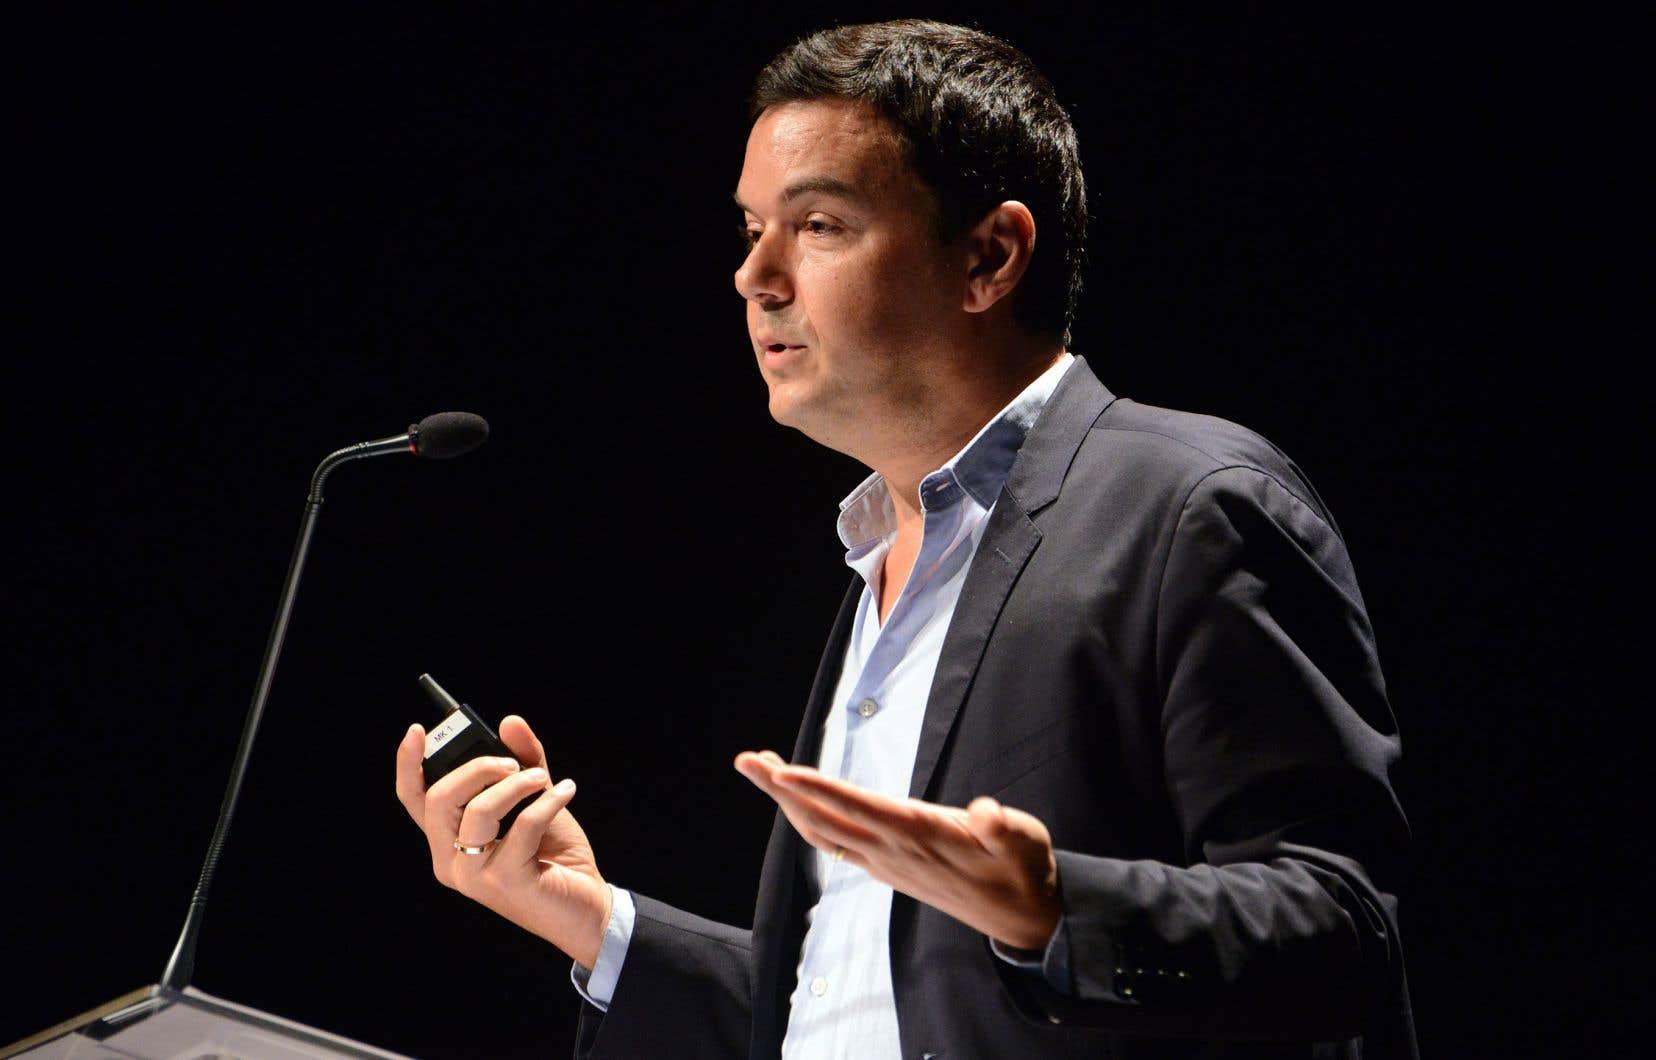 «À la fin des fins, il va falloir en venir à la seule solution à long terme qui soit vraiment juste, soitmettre à contribution les uns et les autres en fonction de leurs capacités à contribuer», explique Thomas Piketty.